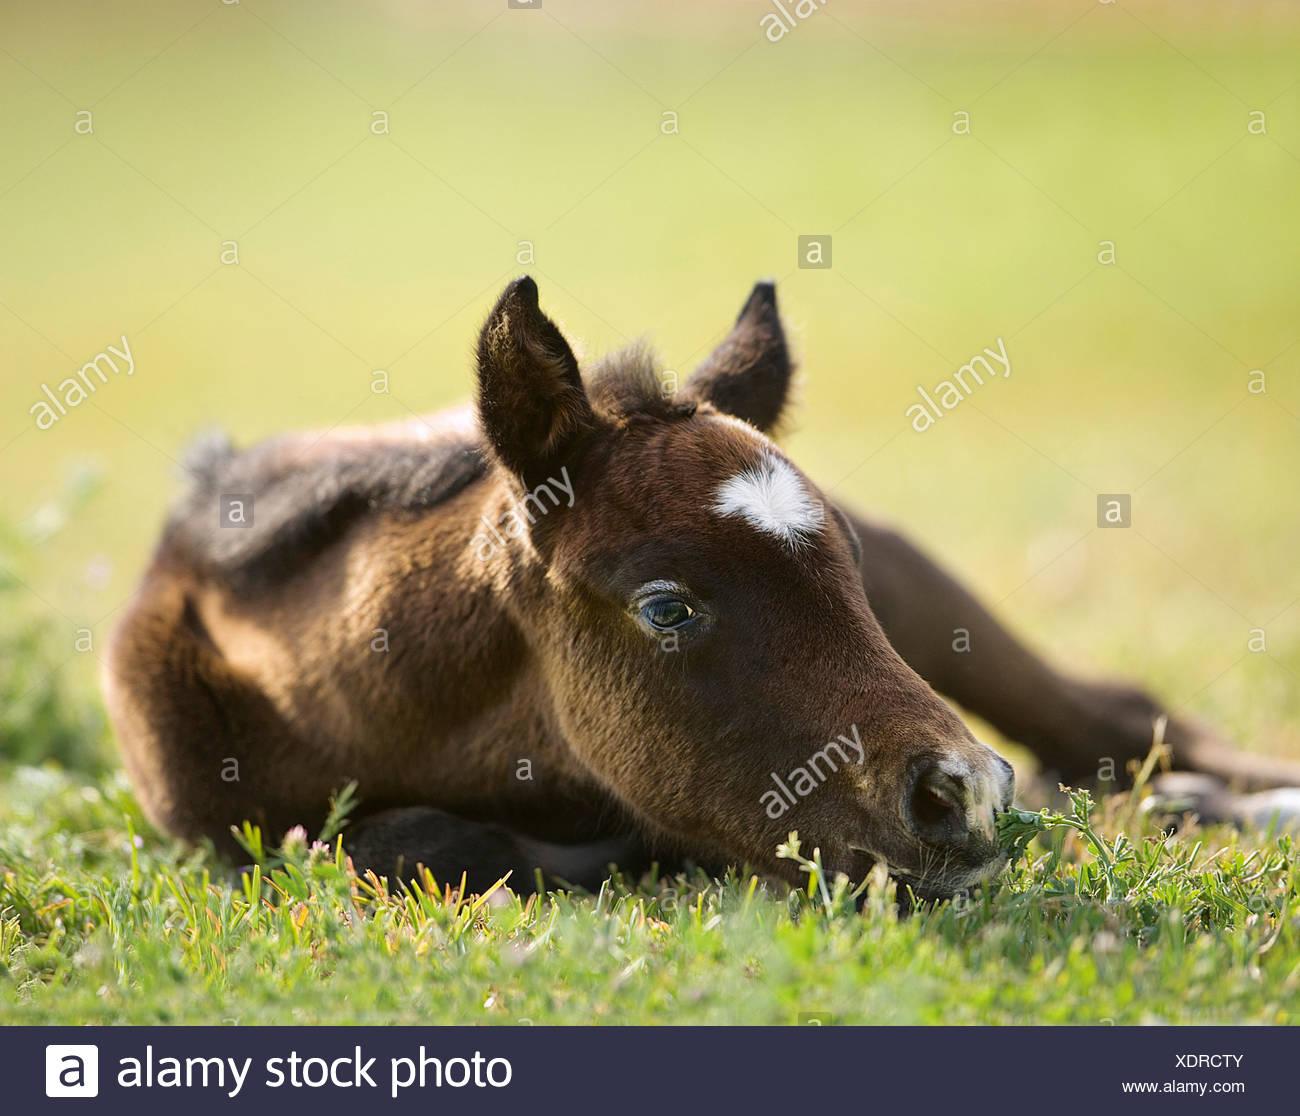 Purebred Arabian Horse Equus ferus caballus Stock Photo